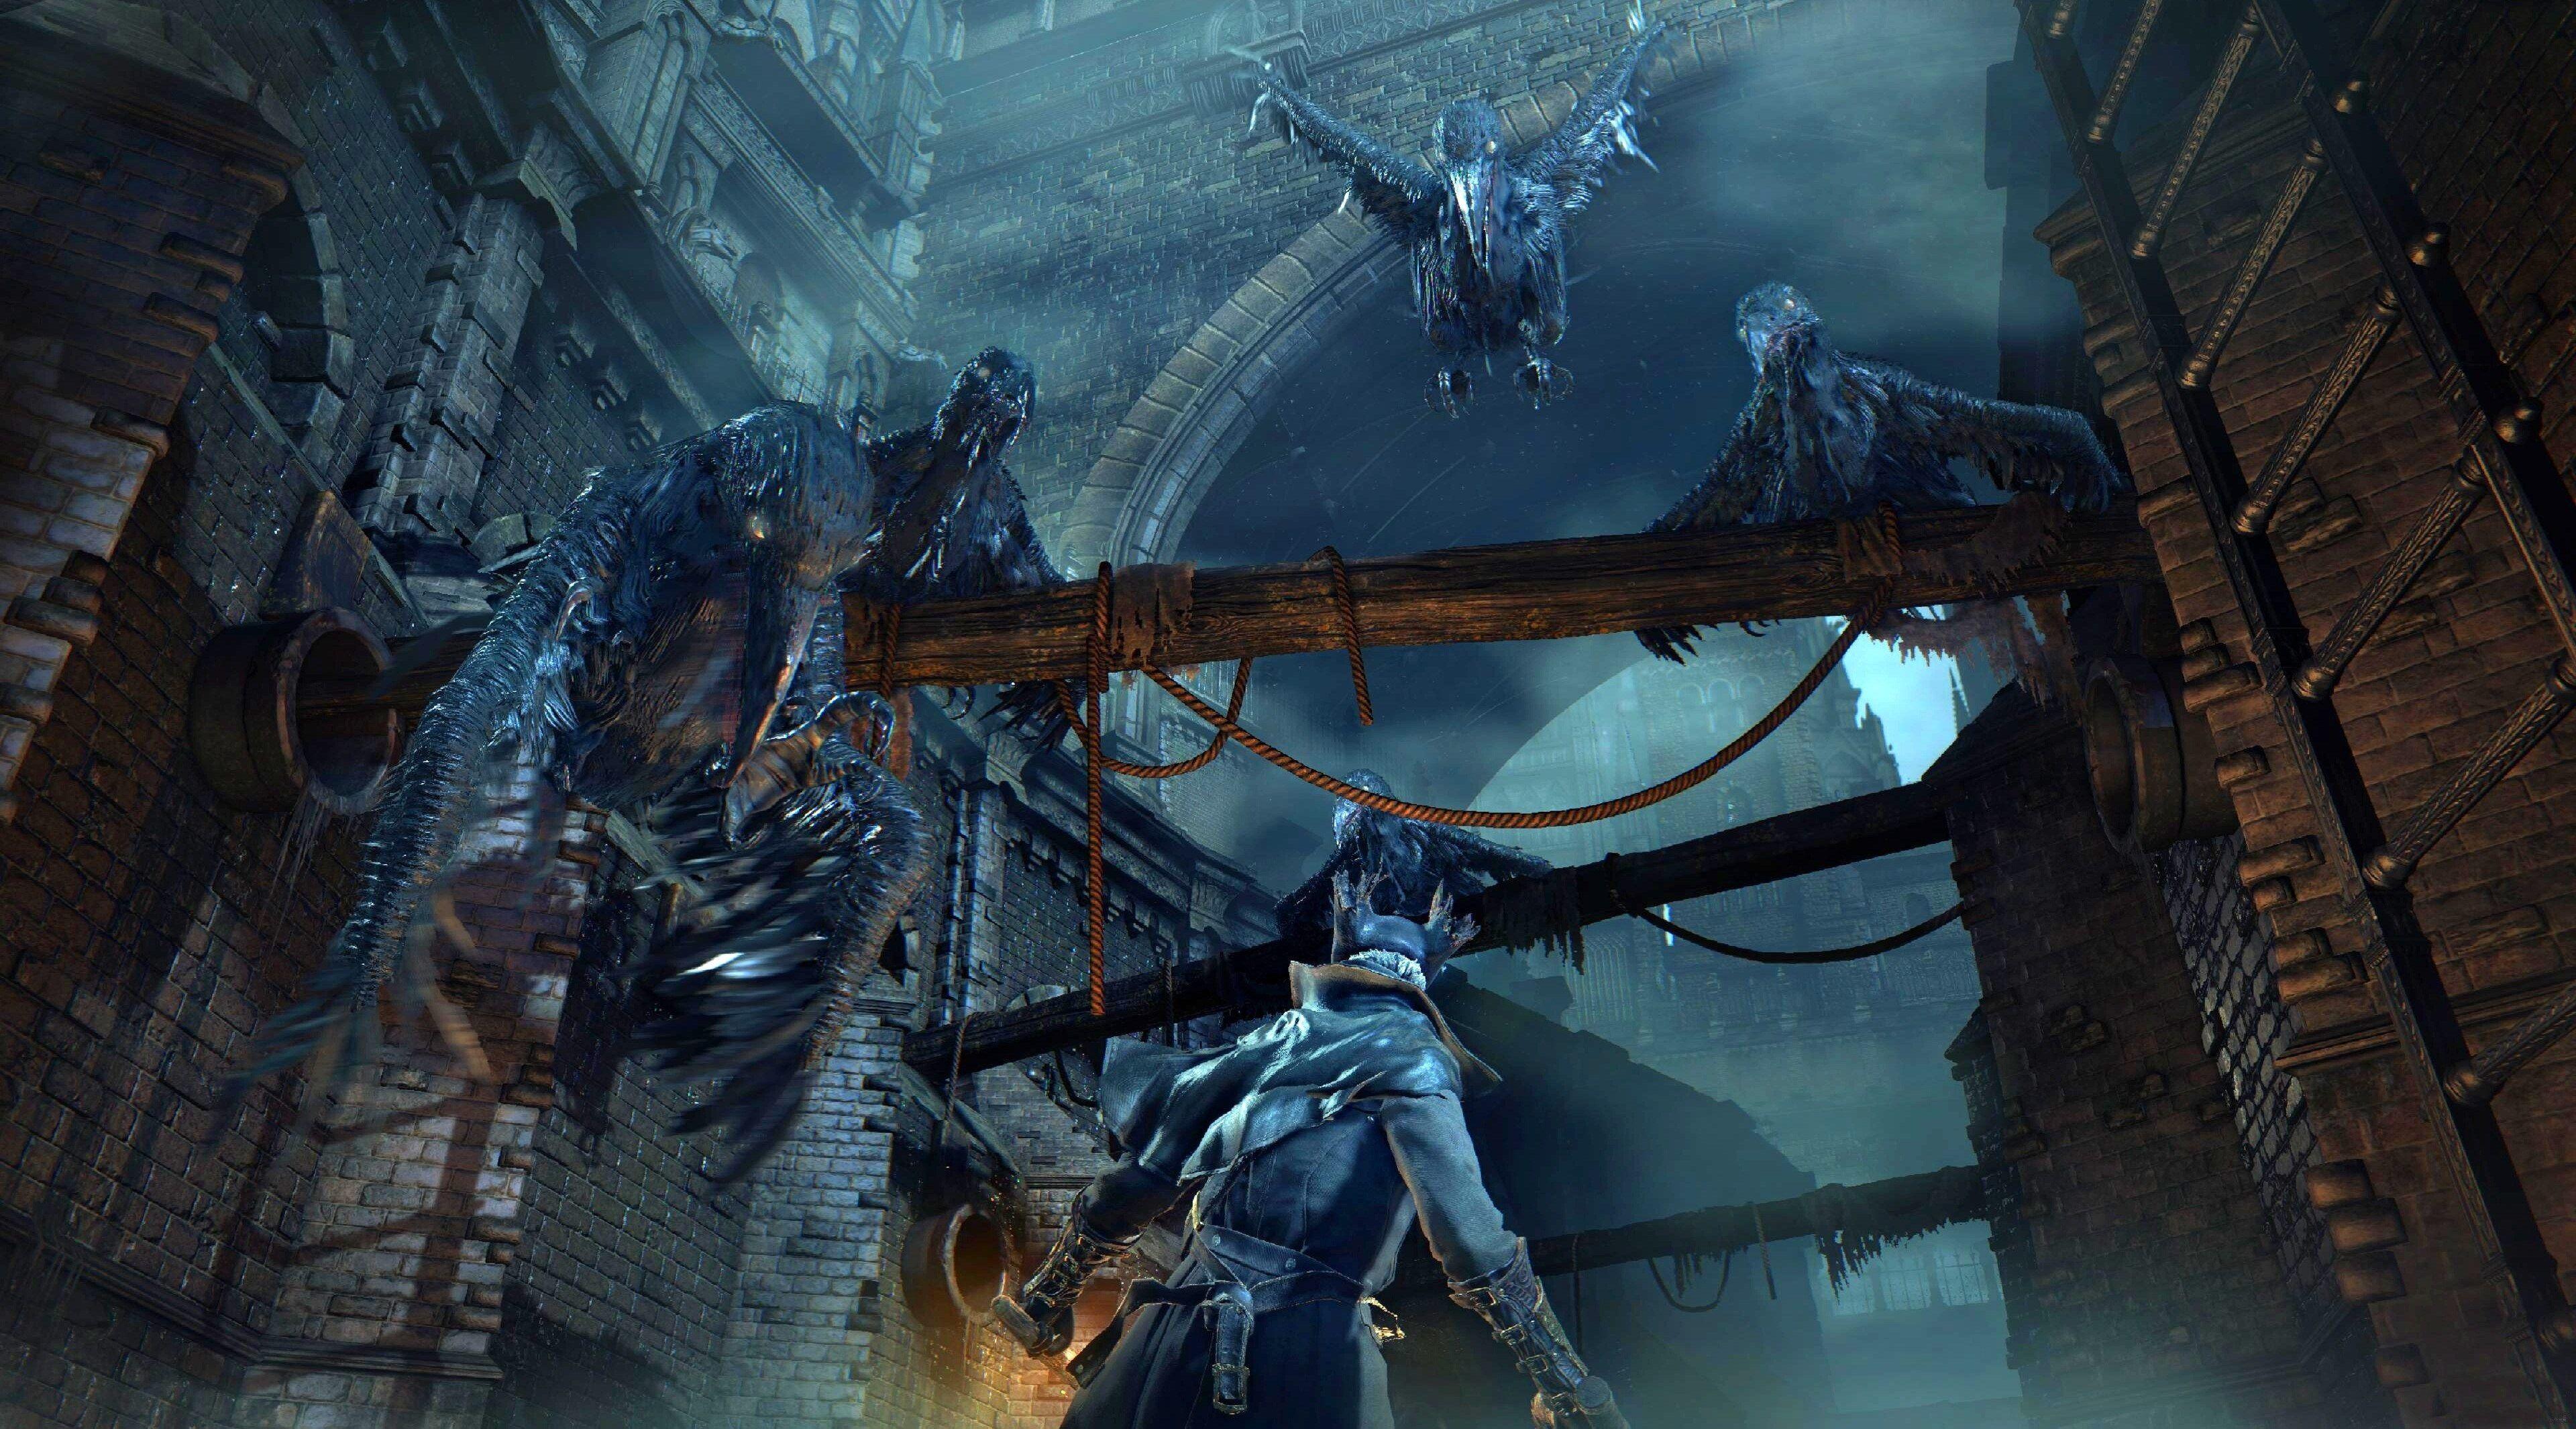 3840x2130 Bloodborne 4k Free Computer Wallpaper Background Bloodborne Desktop Pictures Dark Fantasy Art